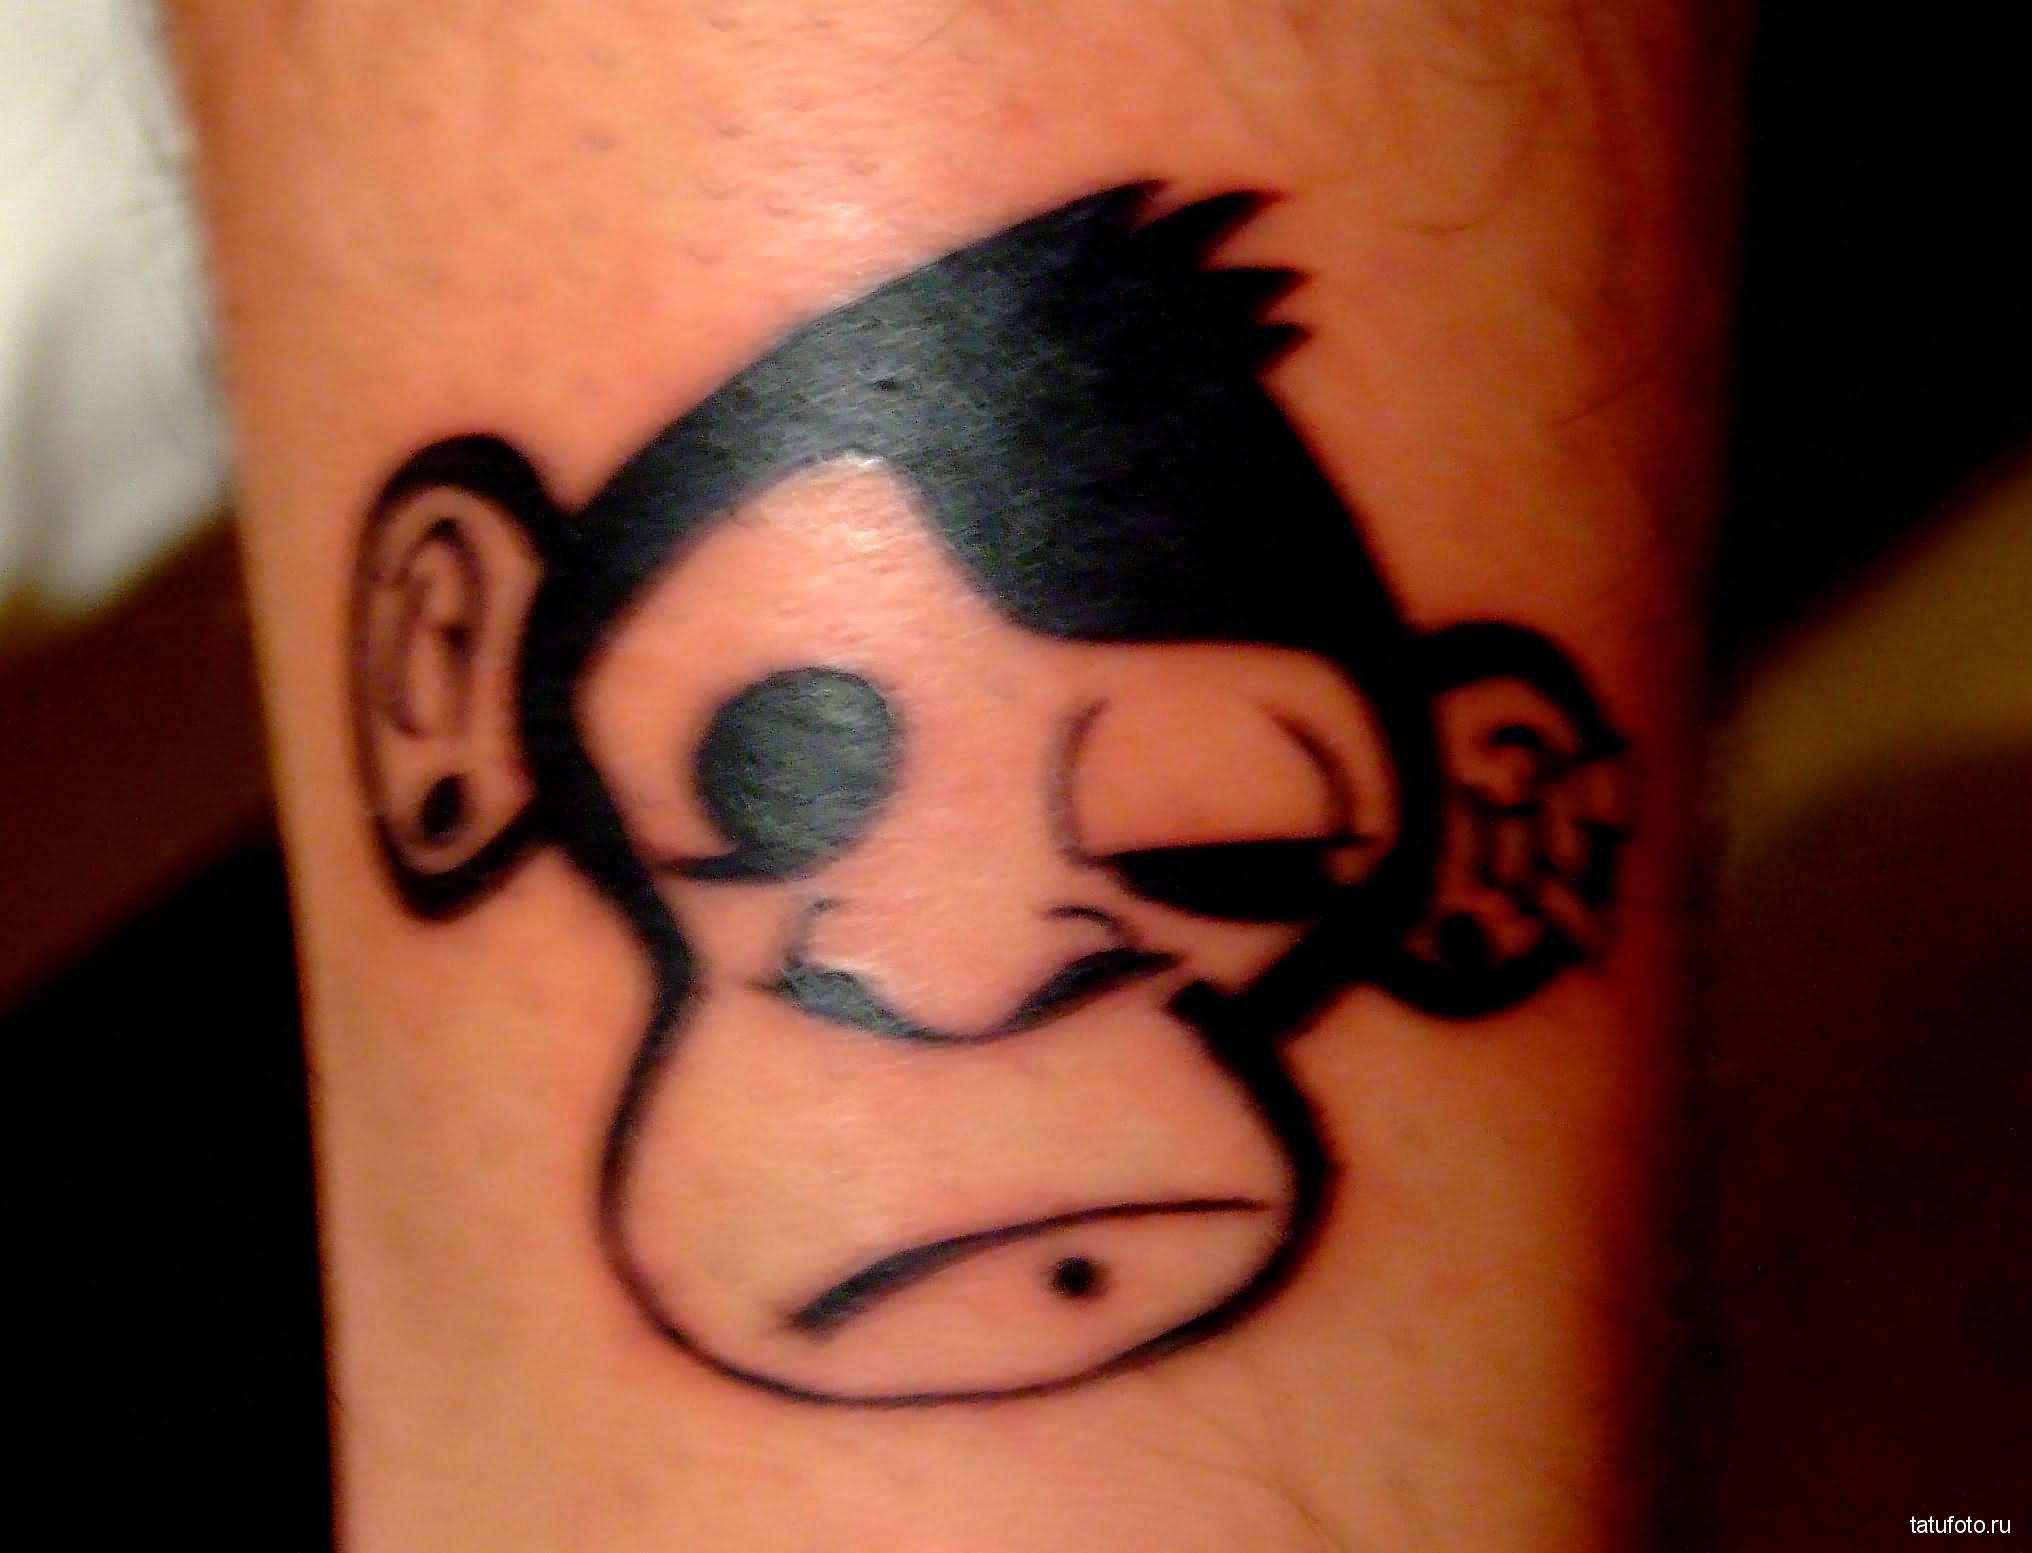 Тату обезьяна - фото рисунка с 1 закрытым глазом